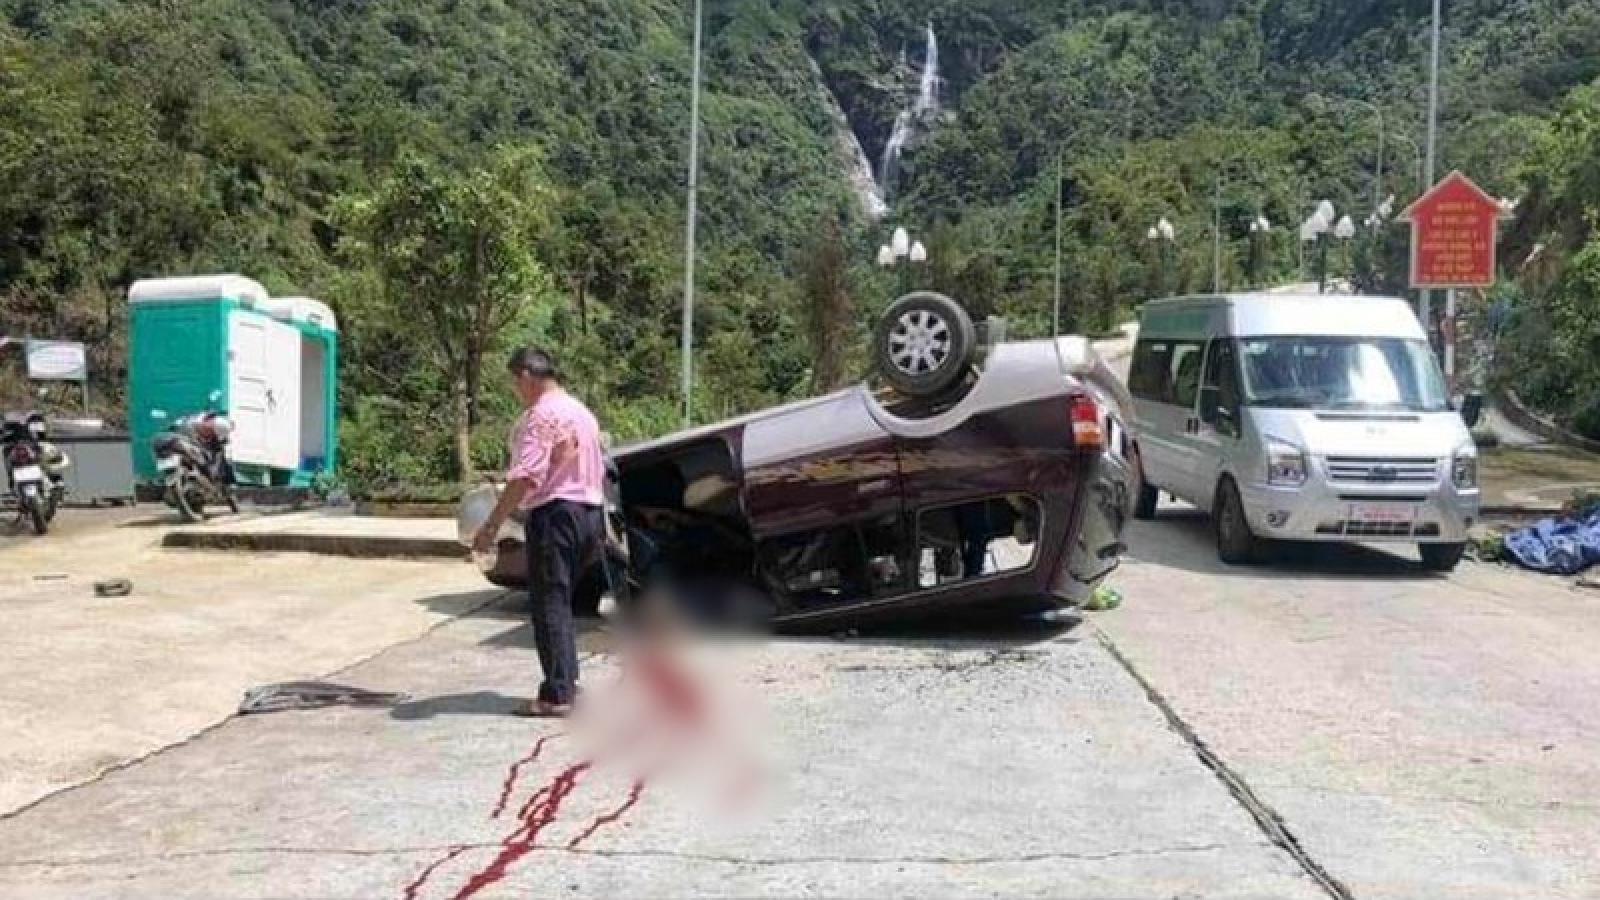 Lật xe tại khu du lịch Cầu kính Rồng mây làm 1 người tử vong